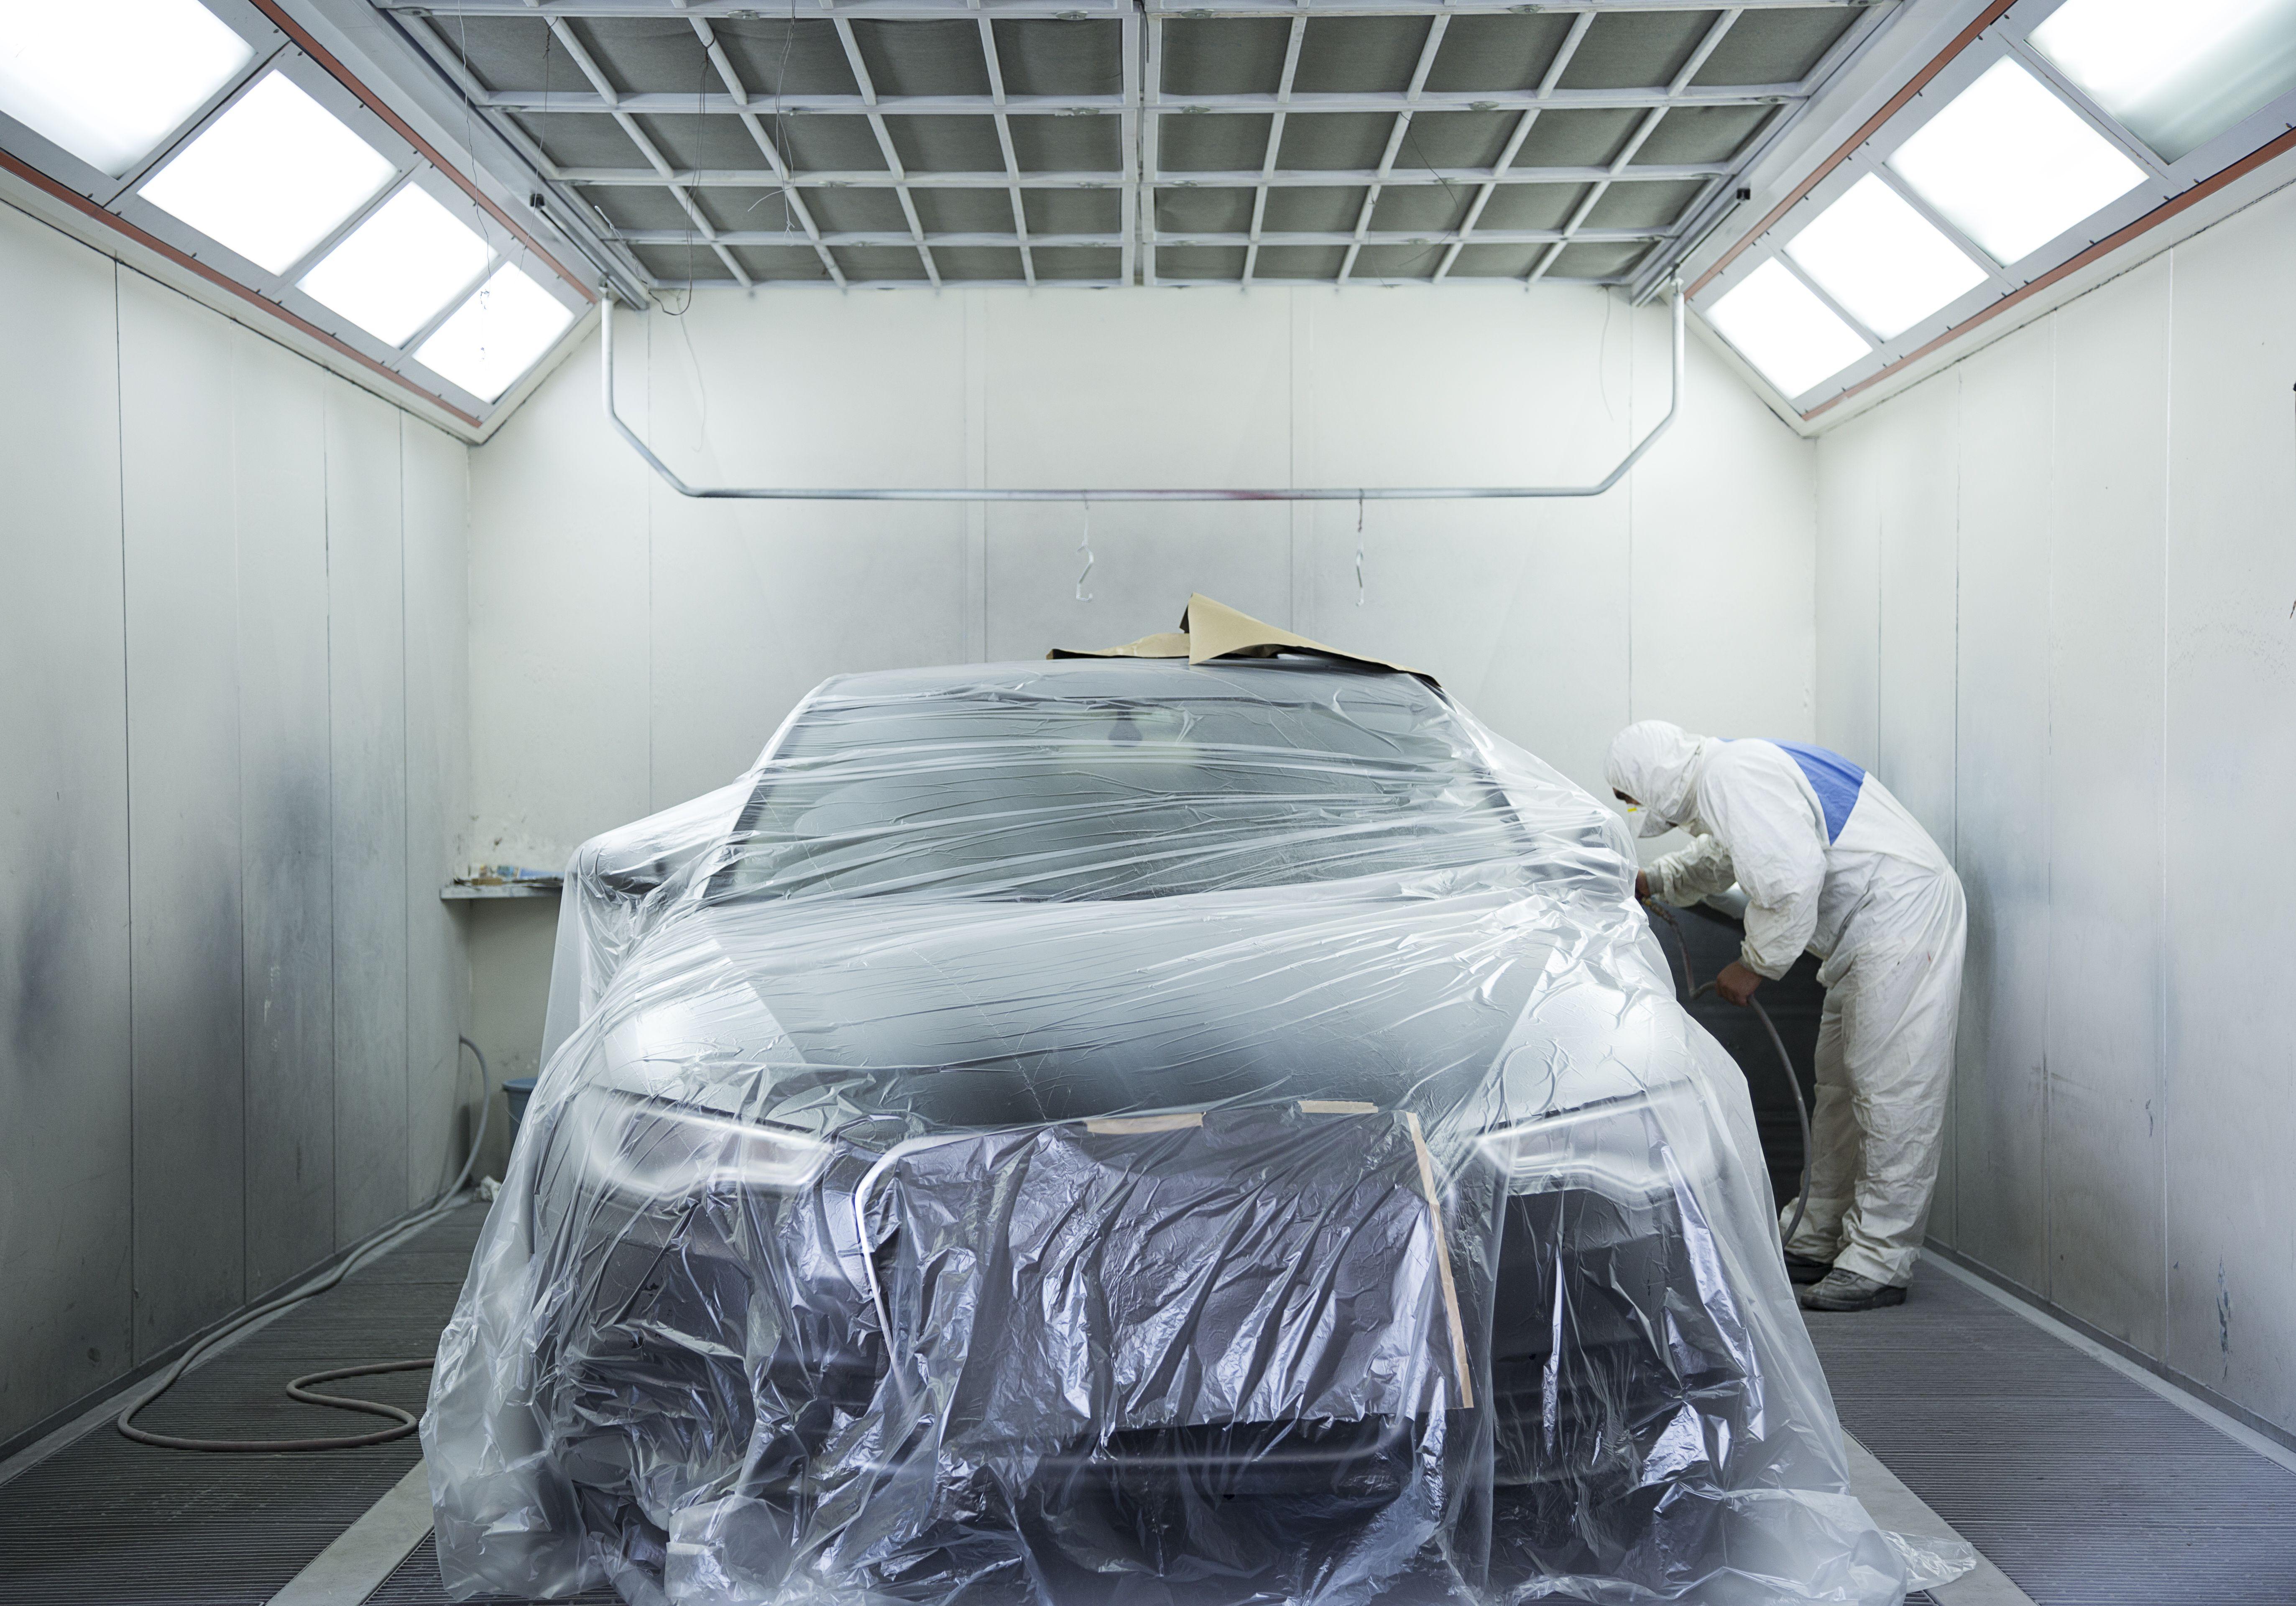 ¿Quieres pintar tu coche entero en Fuenlabrada?